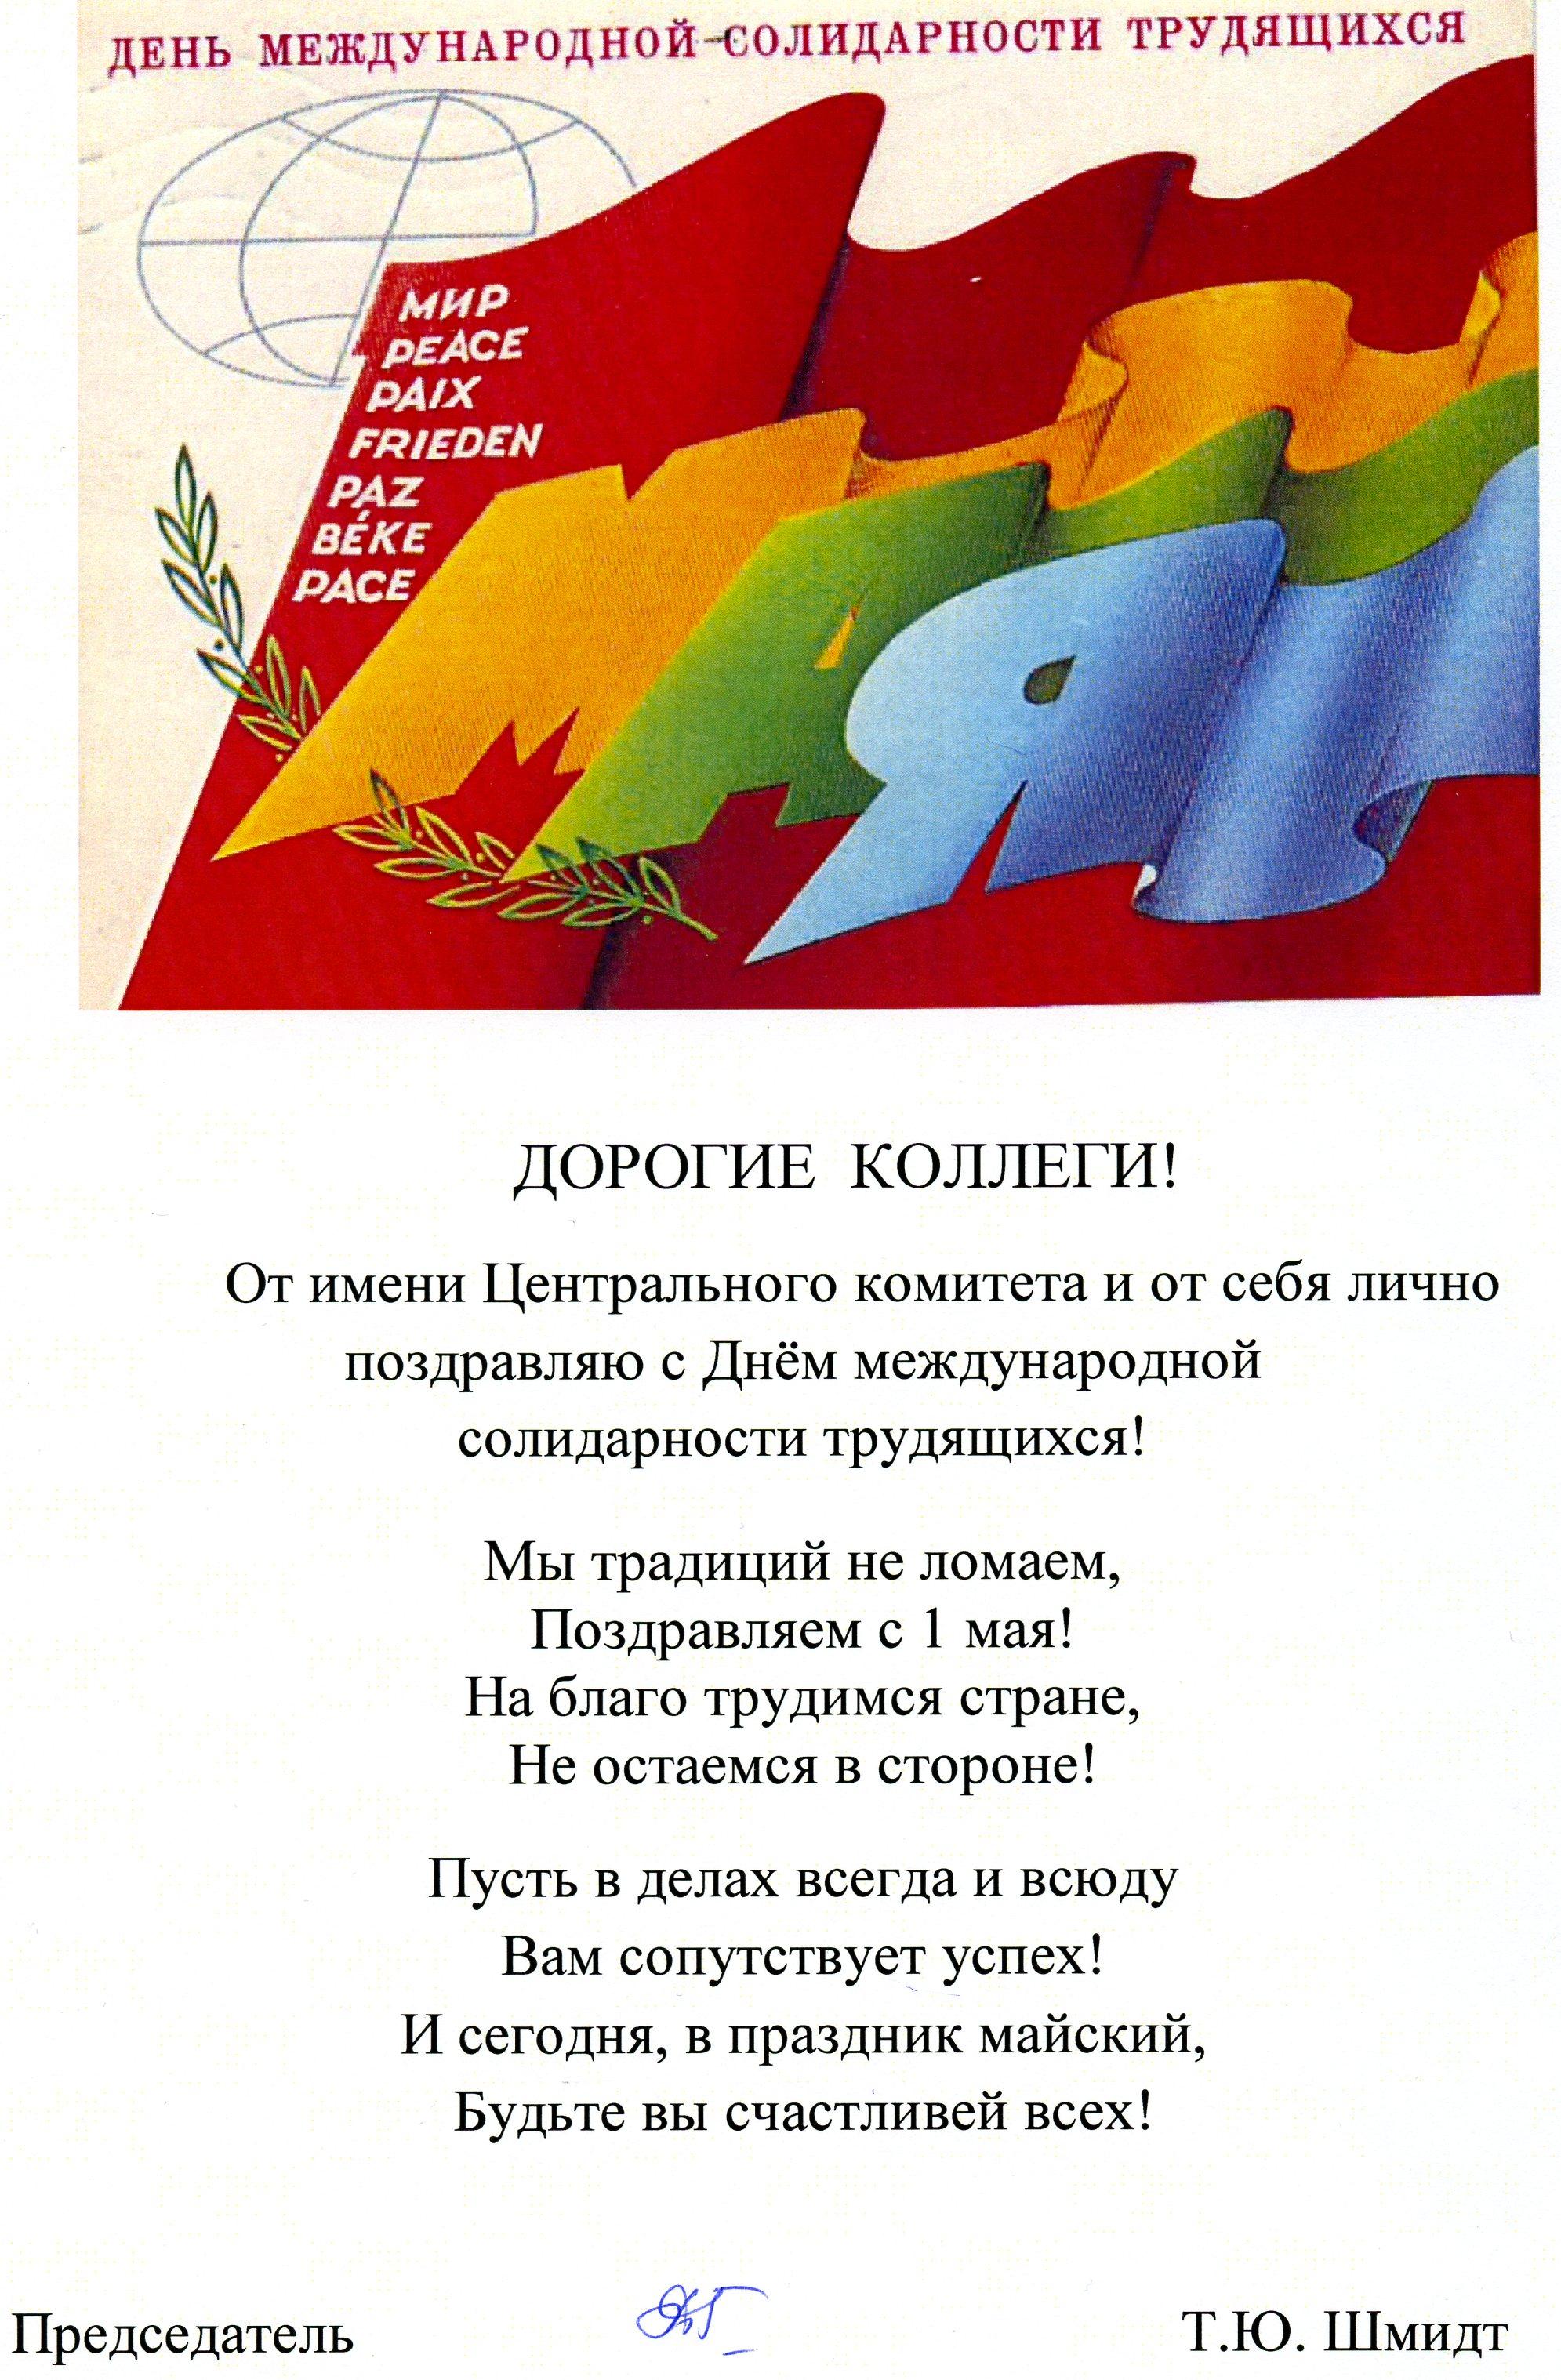 Приятного тебе, открытки ко дню профсоюзов